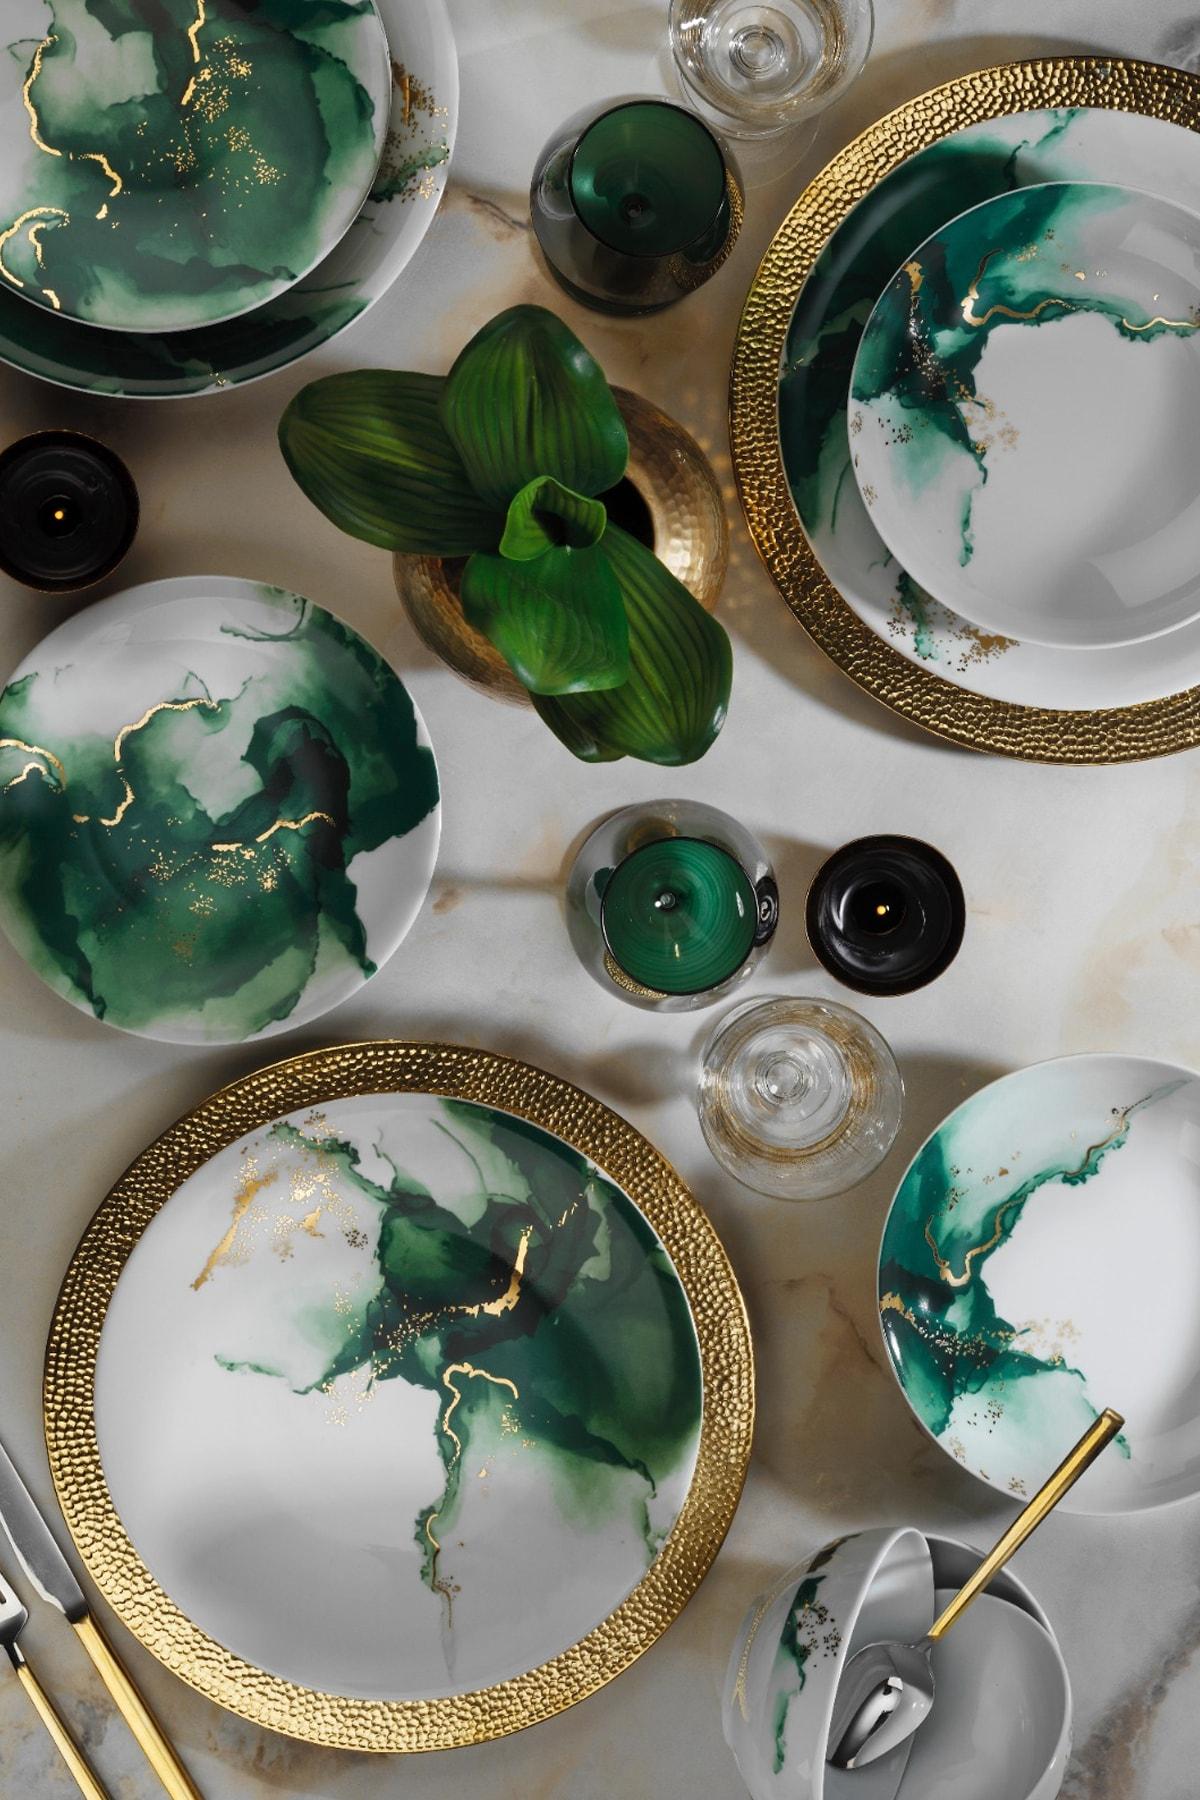 Kütahya Porselen Altın Varaklı 24 Parça Dekor Yemek Takımı 1